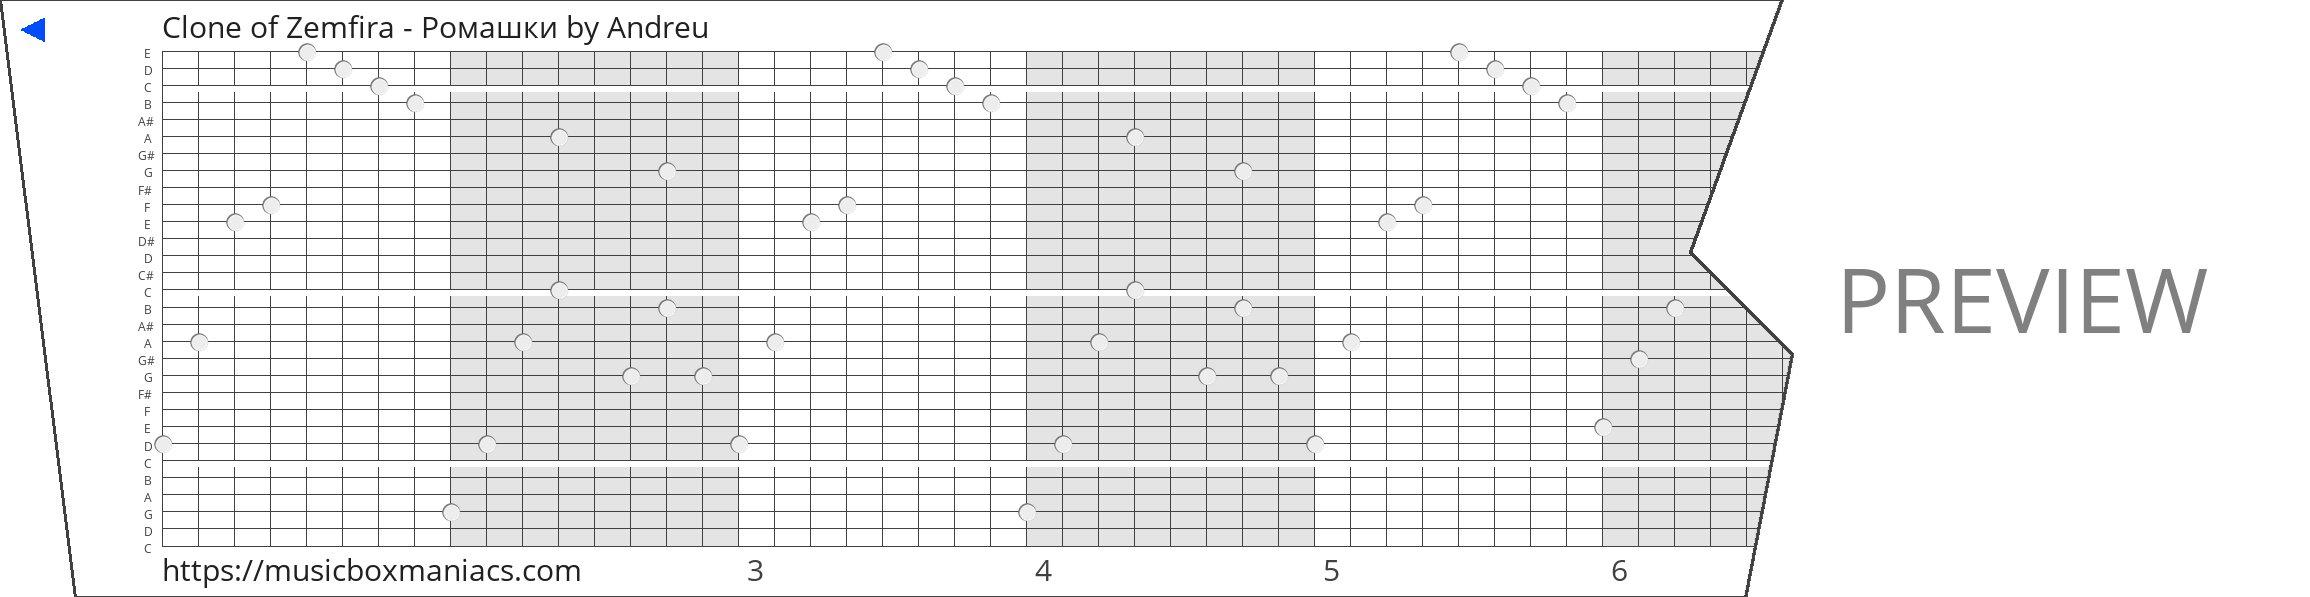 Clone of Zemfira - Ромашки 30 note music box paper strip